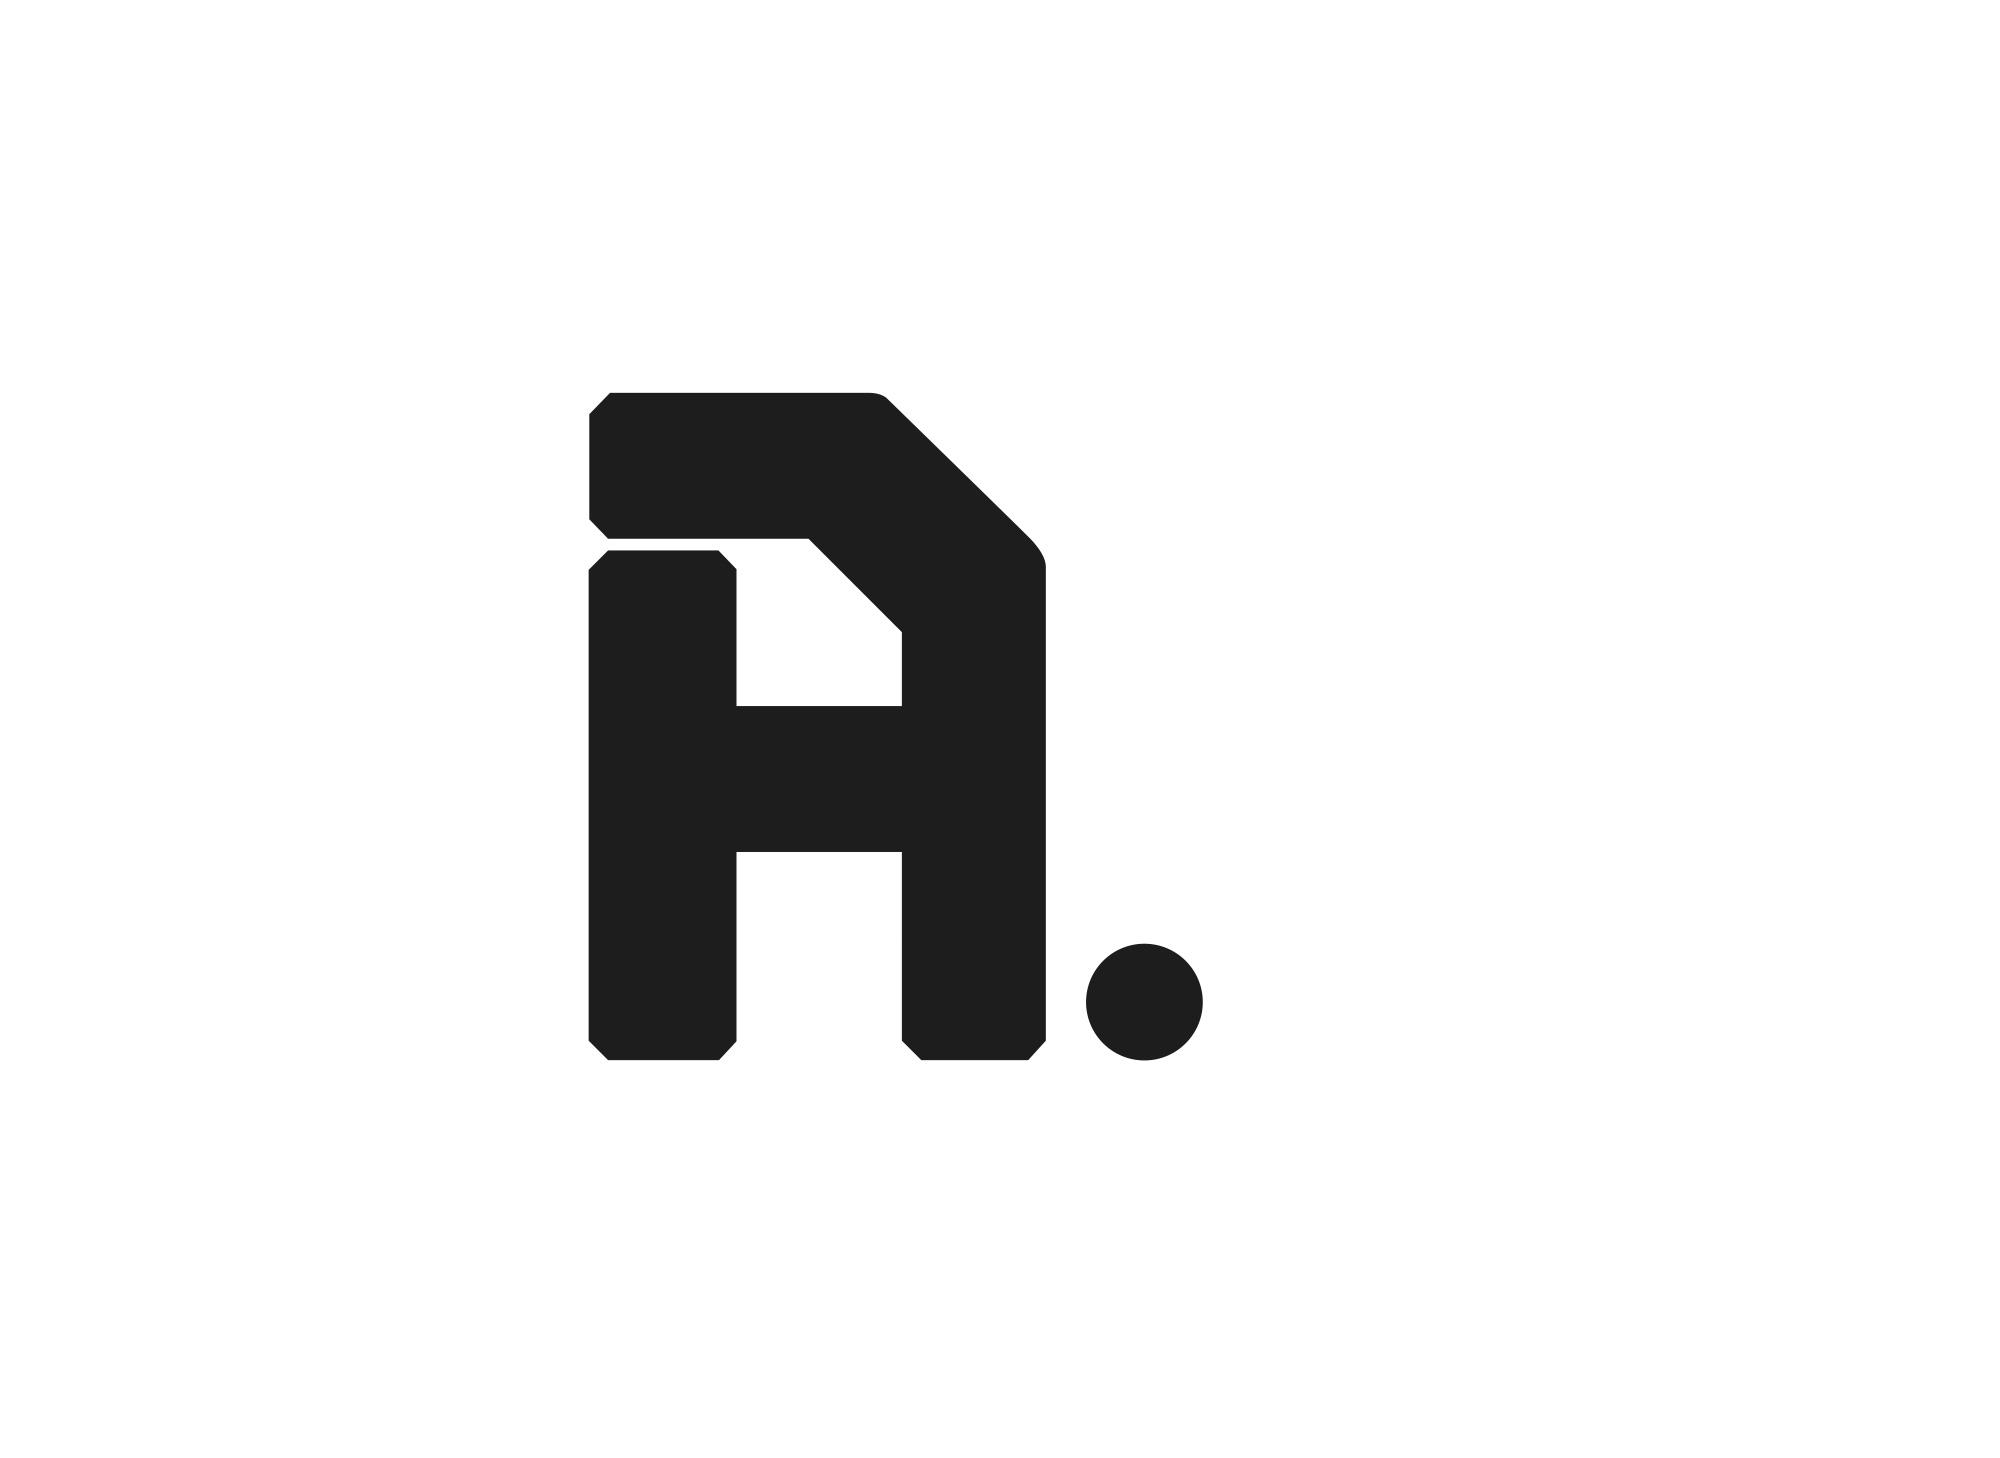 A_BLACK.jpg